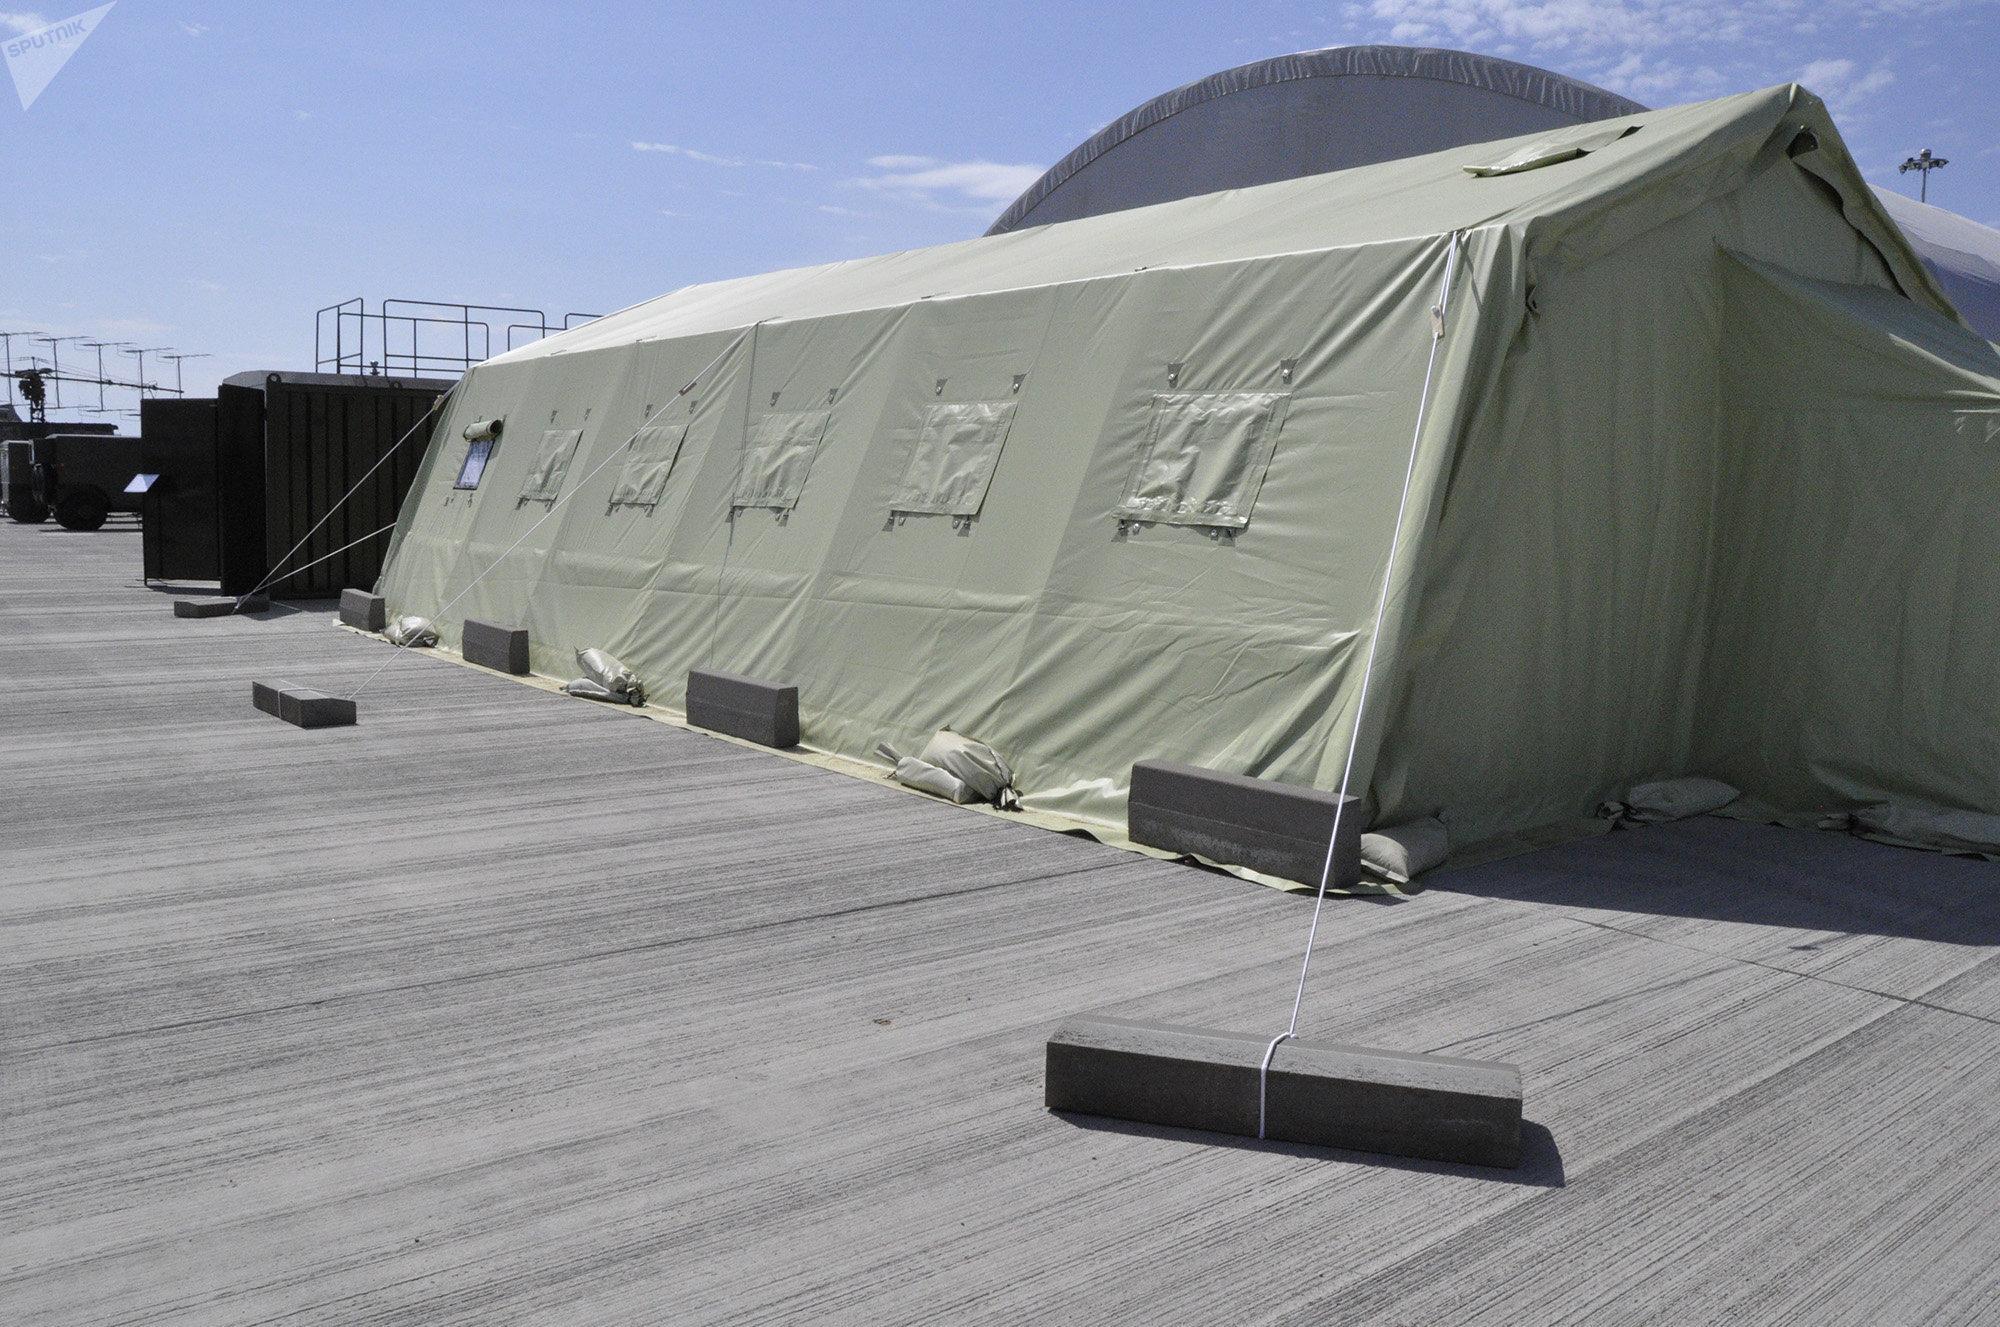 Бетонные плиты, которыми укреплены шатры и палатки